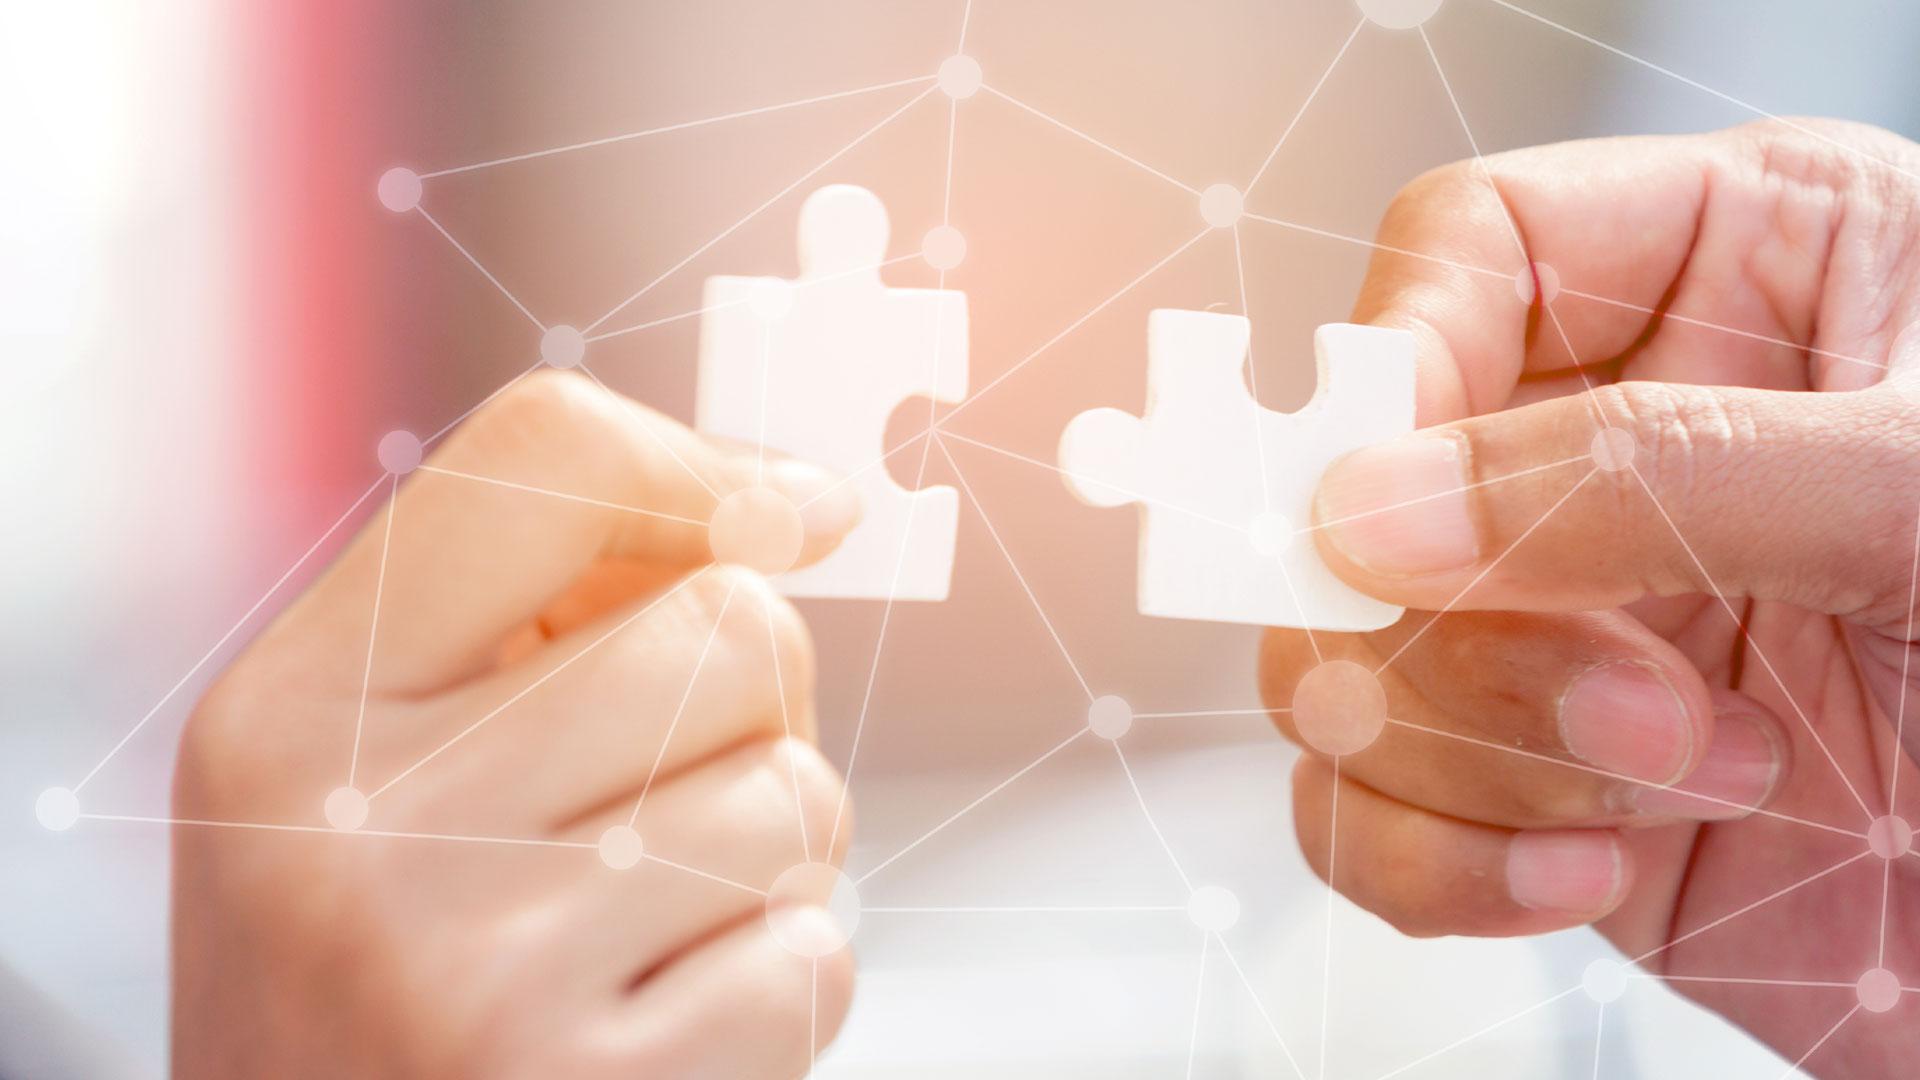 Werk en Inkomen Lekstroom (WIL) toonaangevend in klantenservice